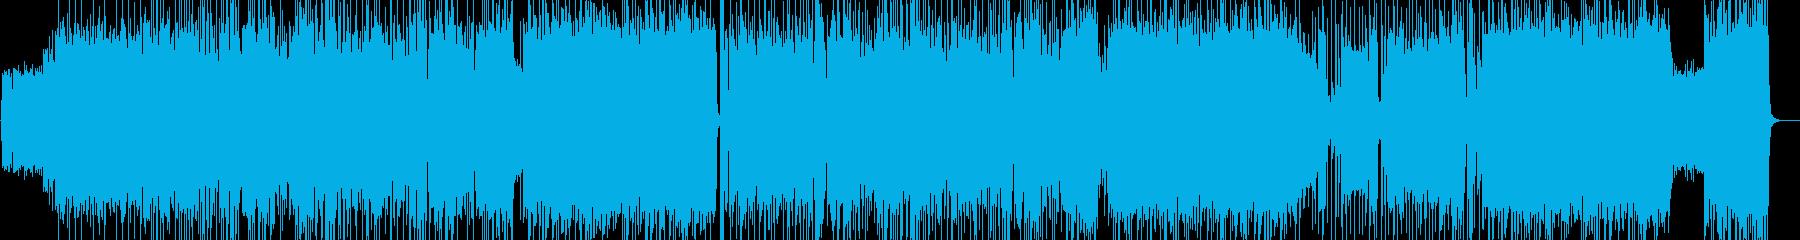 三味線デュオ 和風ハードロックの再生済みの波形